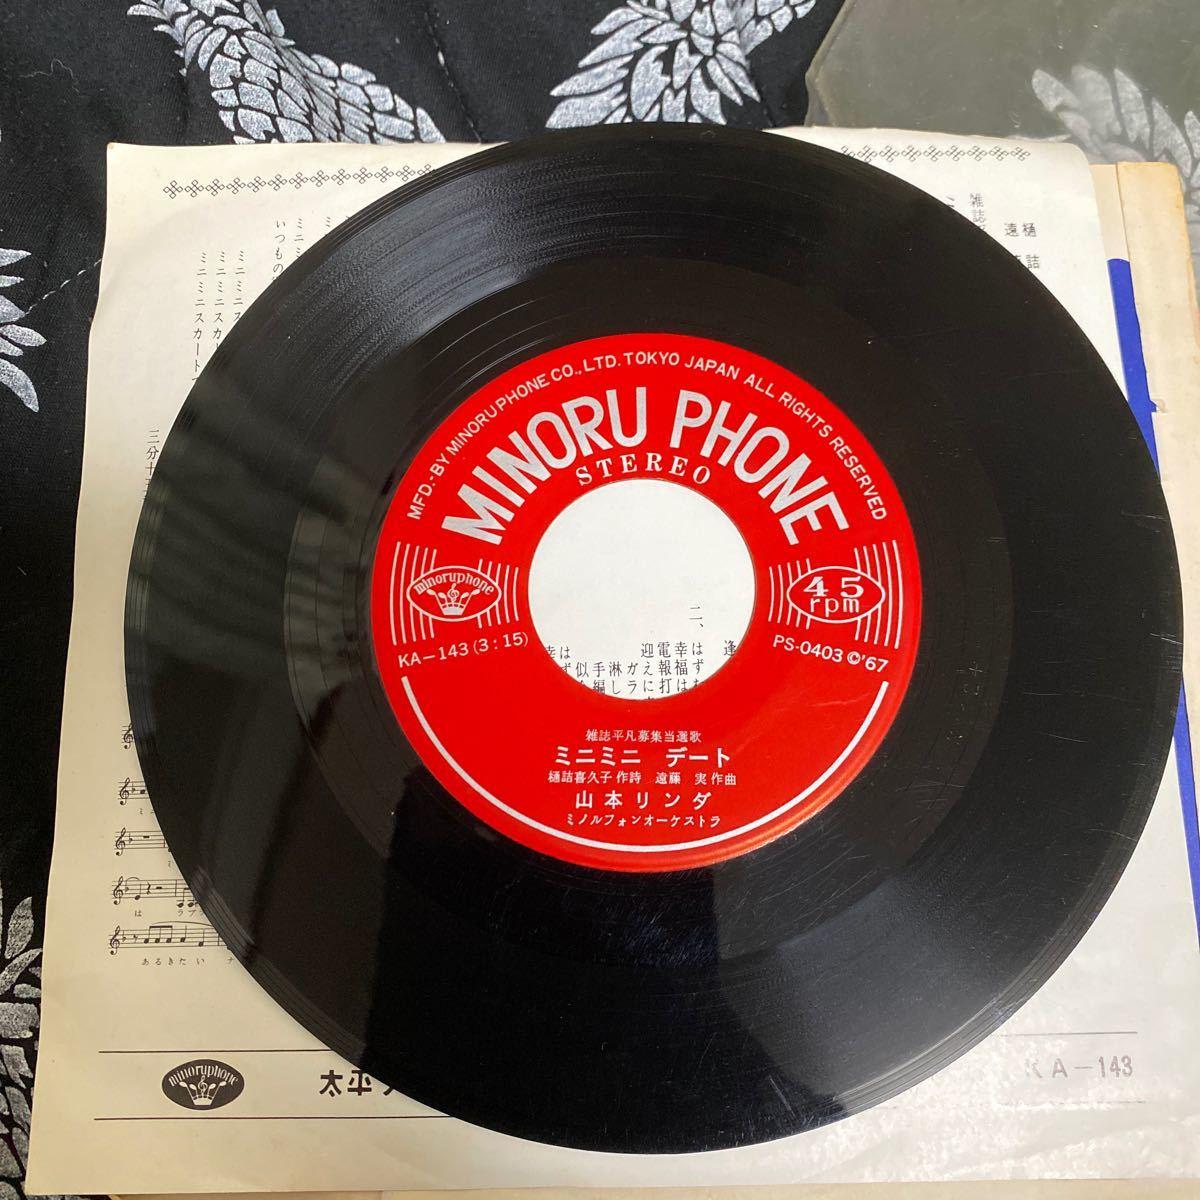 試聴済 山本リンダ ミニミニデート 恋の急行列車 シングルレコードEP盤 和モノ 昭和歌謡 マイナー歌謡 KA-143_画像4